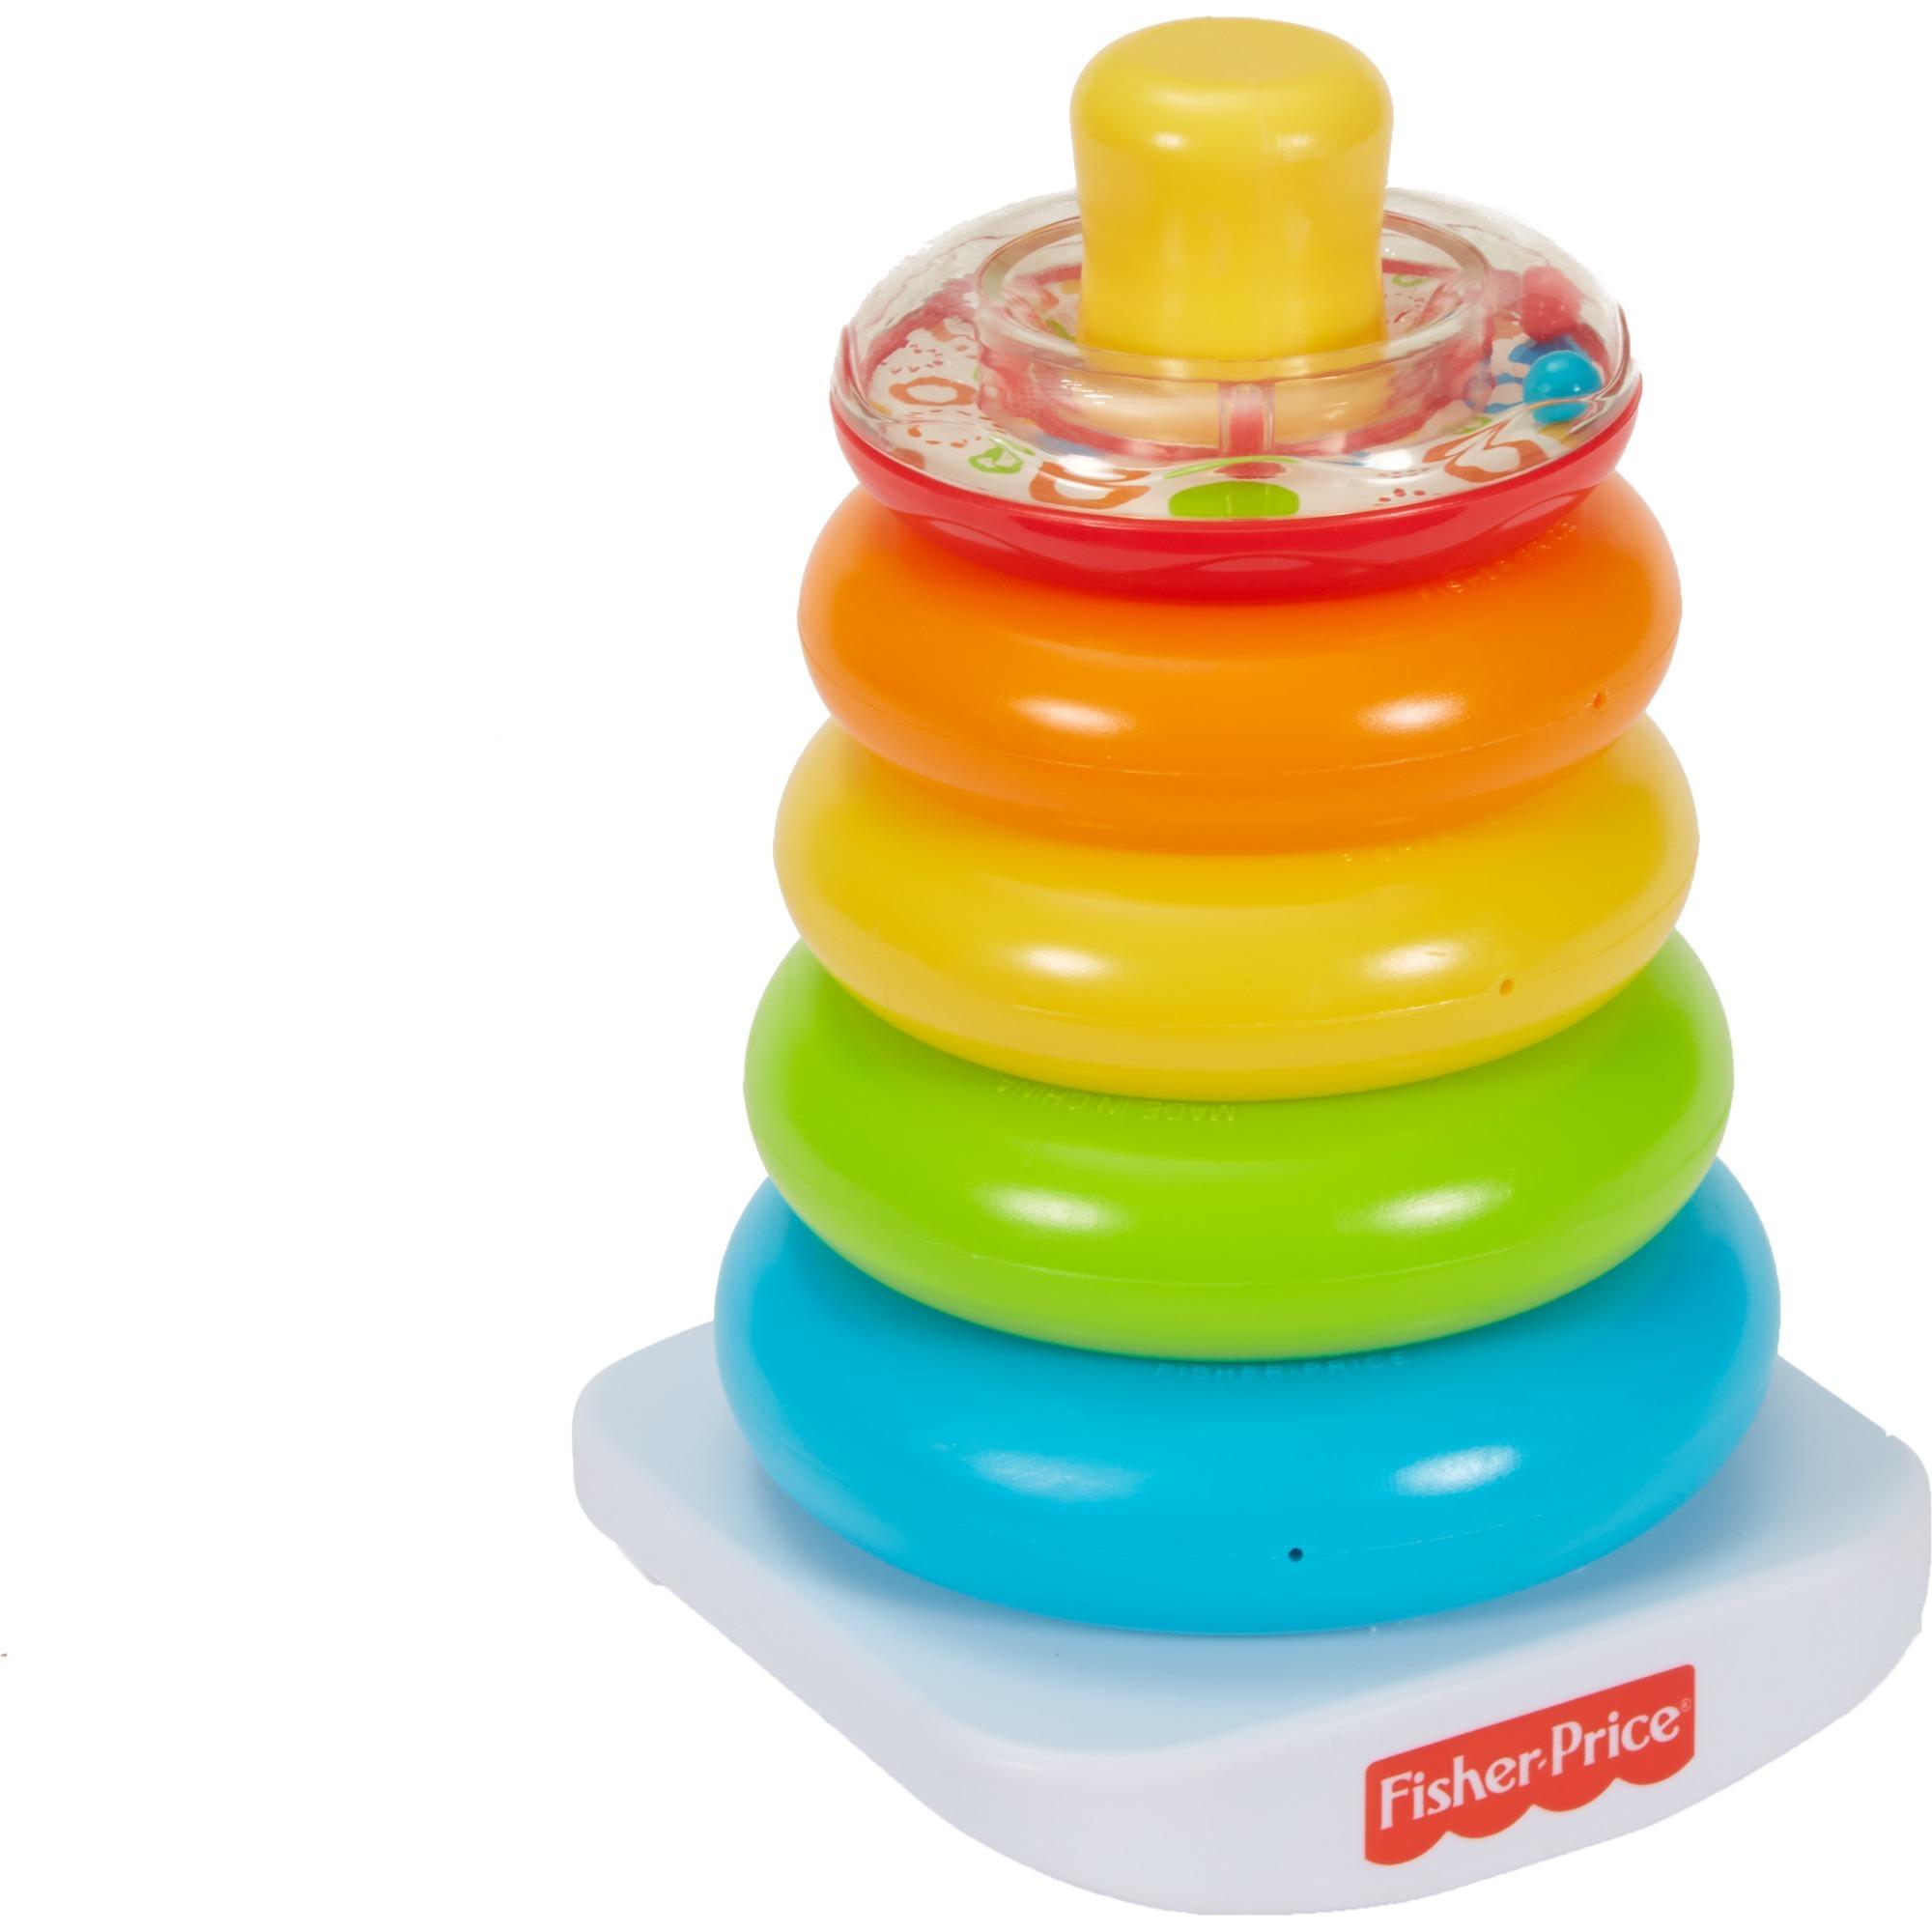 FHC92 juguete de habilidad motora Multicolor, Juego de destreza